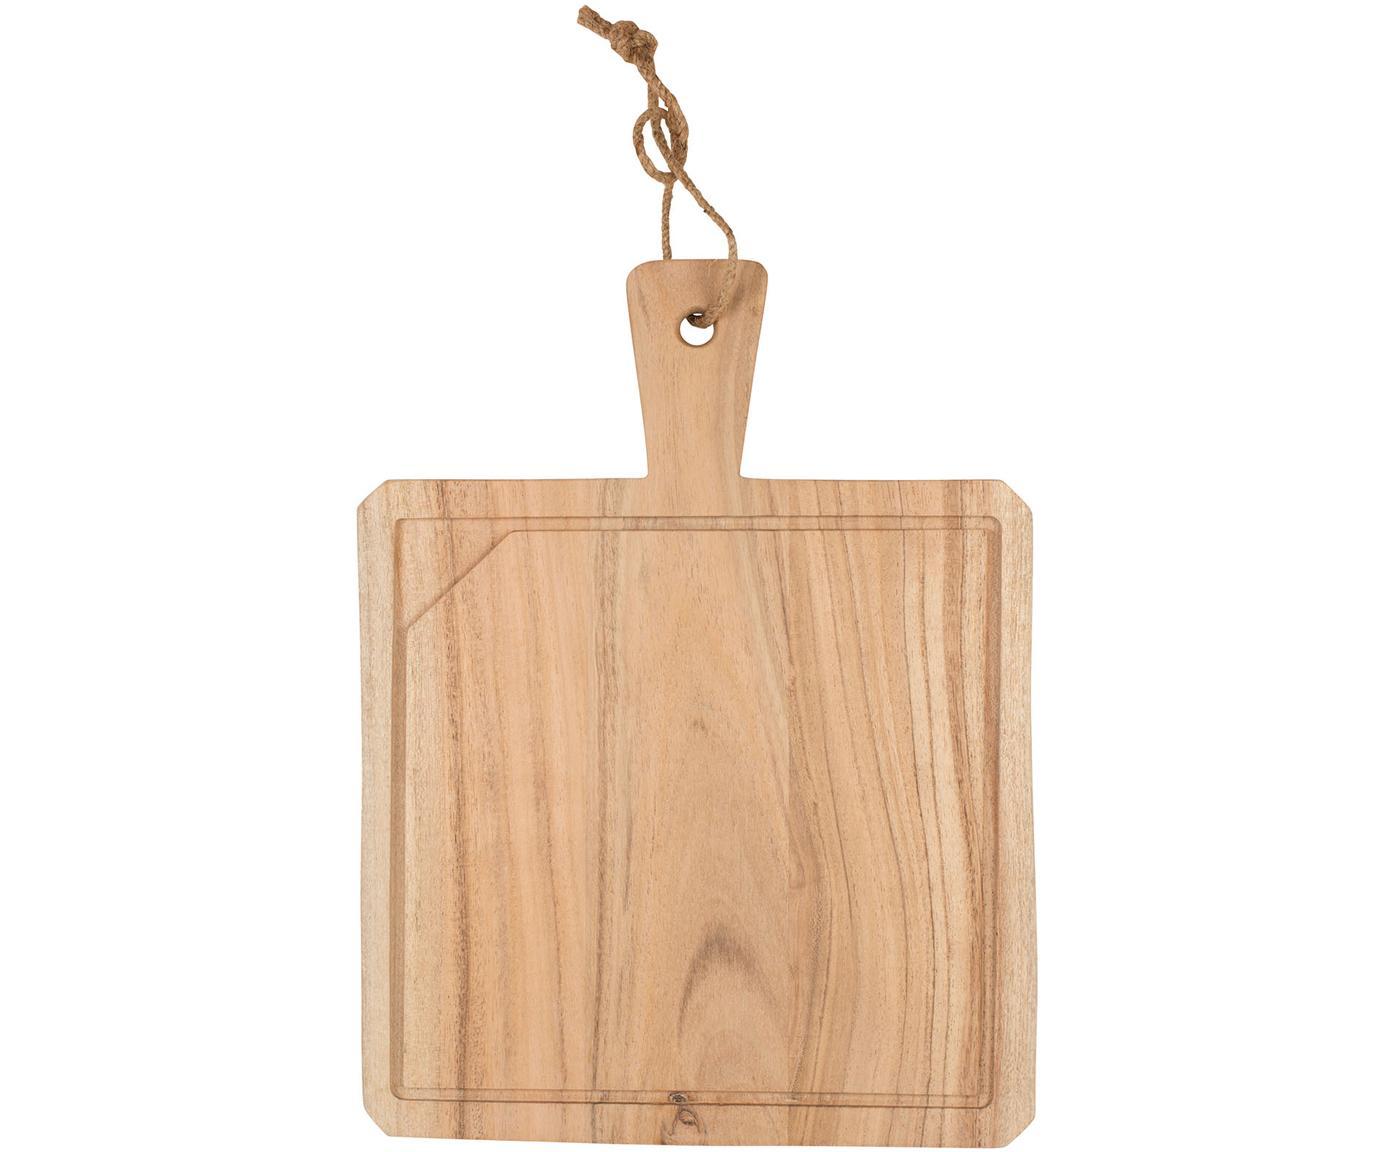 Deska do krojenia Albert, Drewno akacjowe, Drewno akacjowe, S 40 x G 30 cm